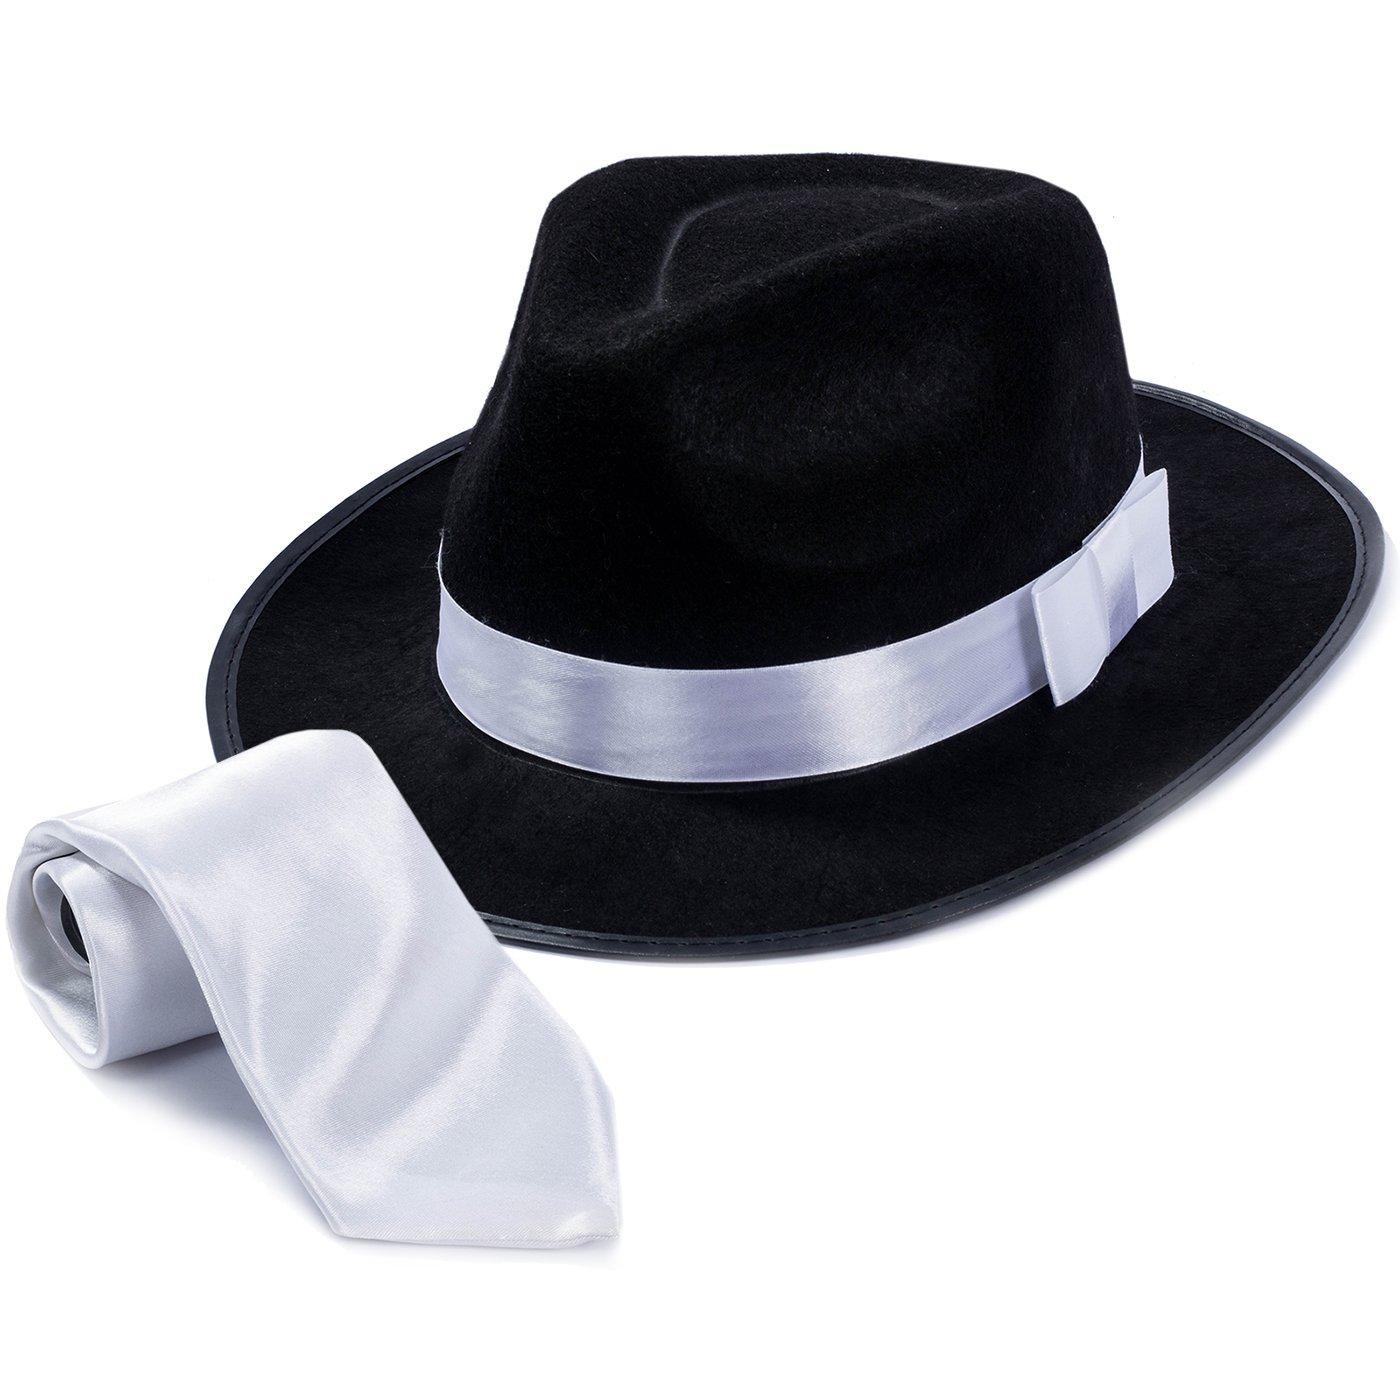 Tigerdoe Fedora Gangster Hat - Mobster Costume - Felt Hat & White Neck Tie - (2 Pc Set) Fedora Hat f-tg158